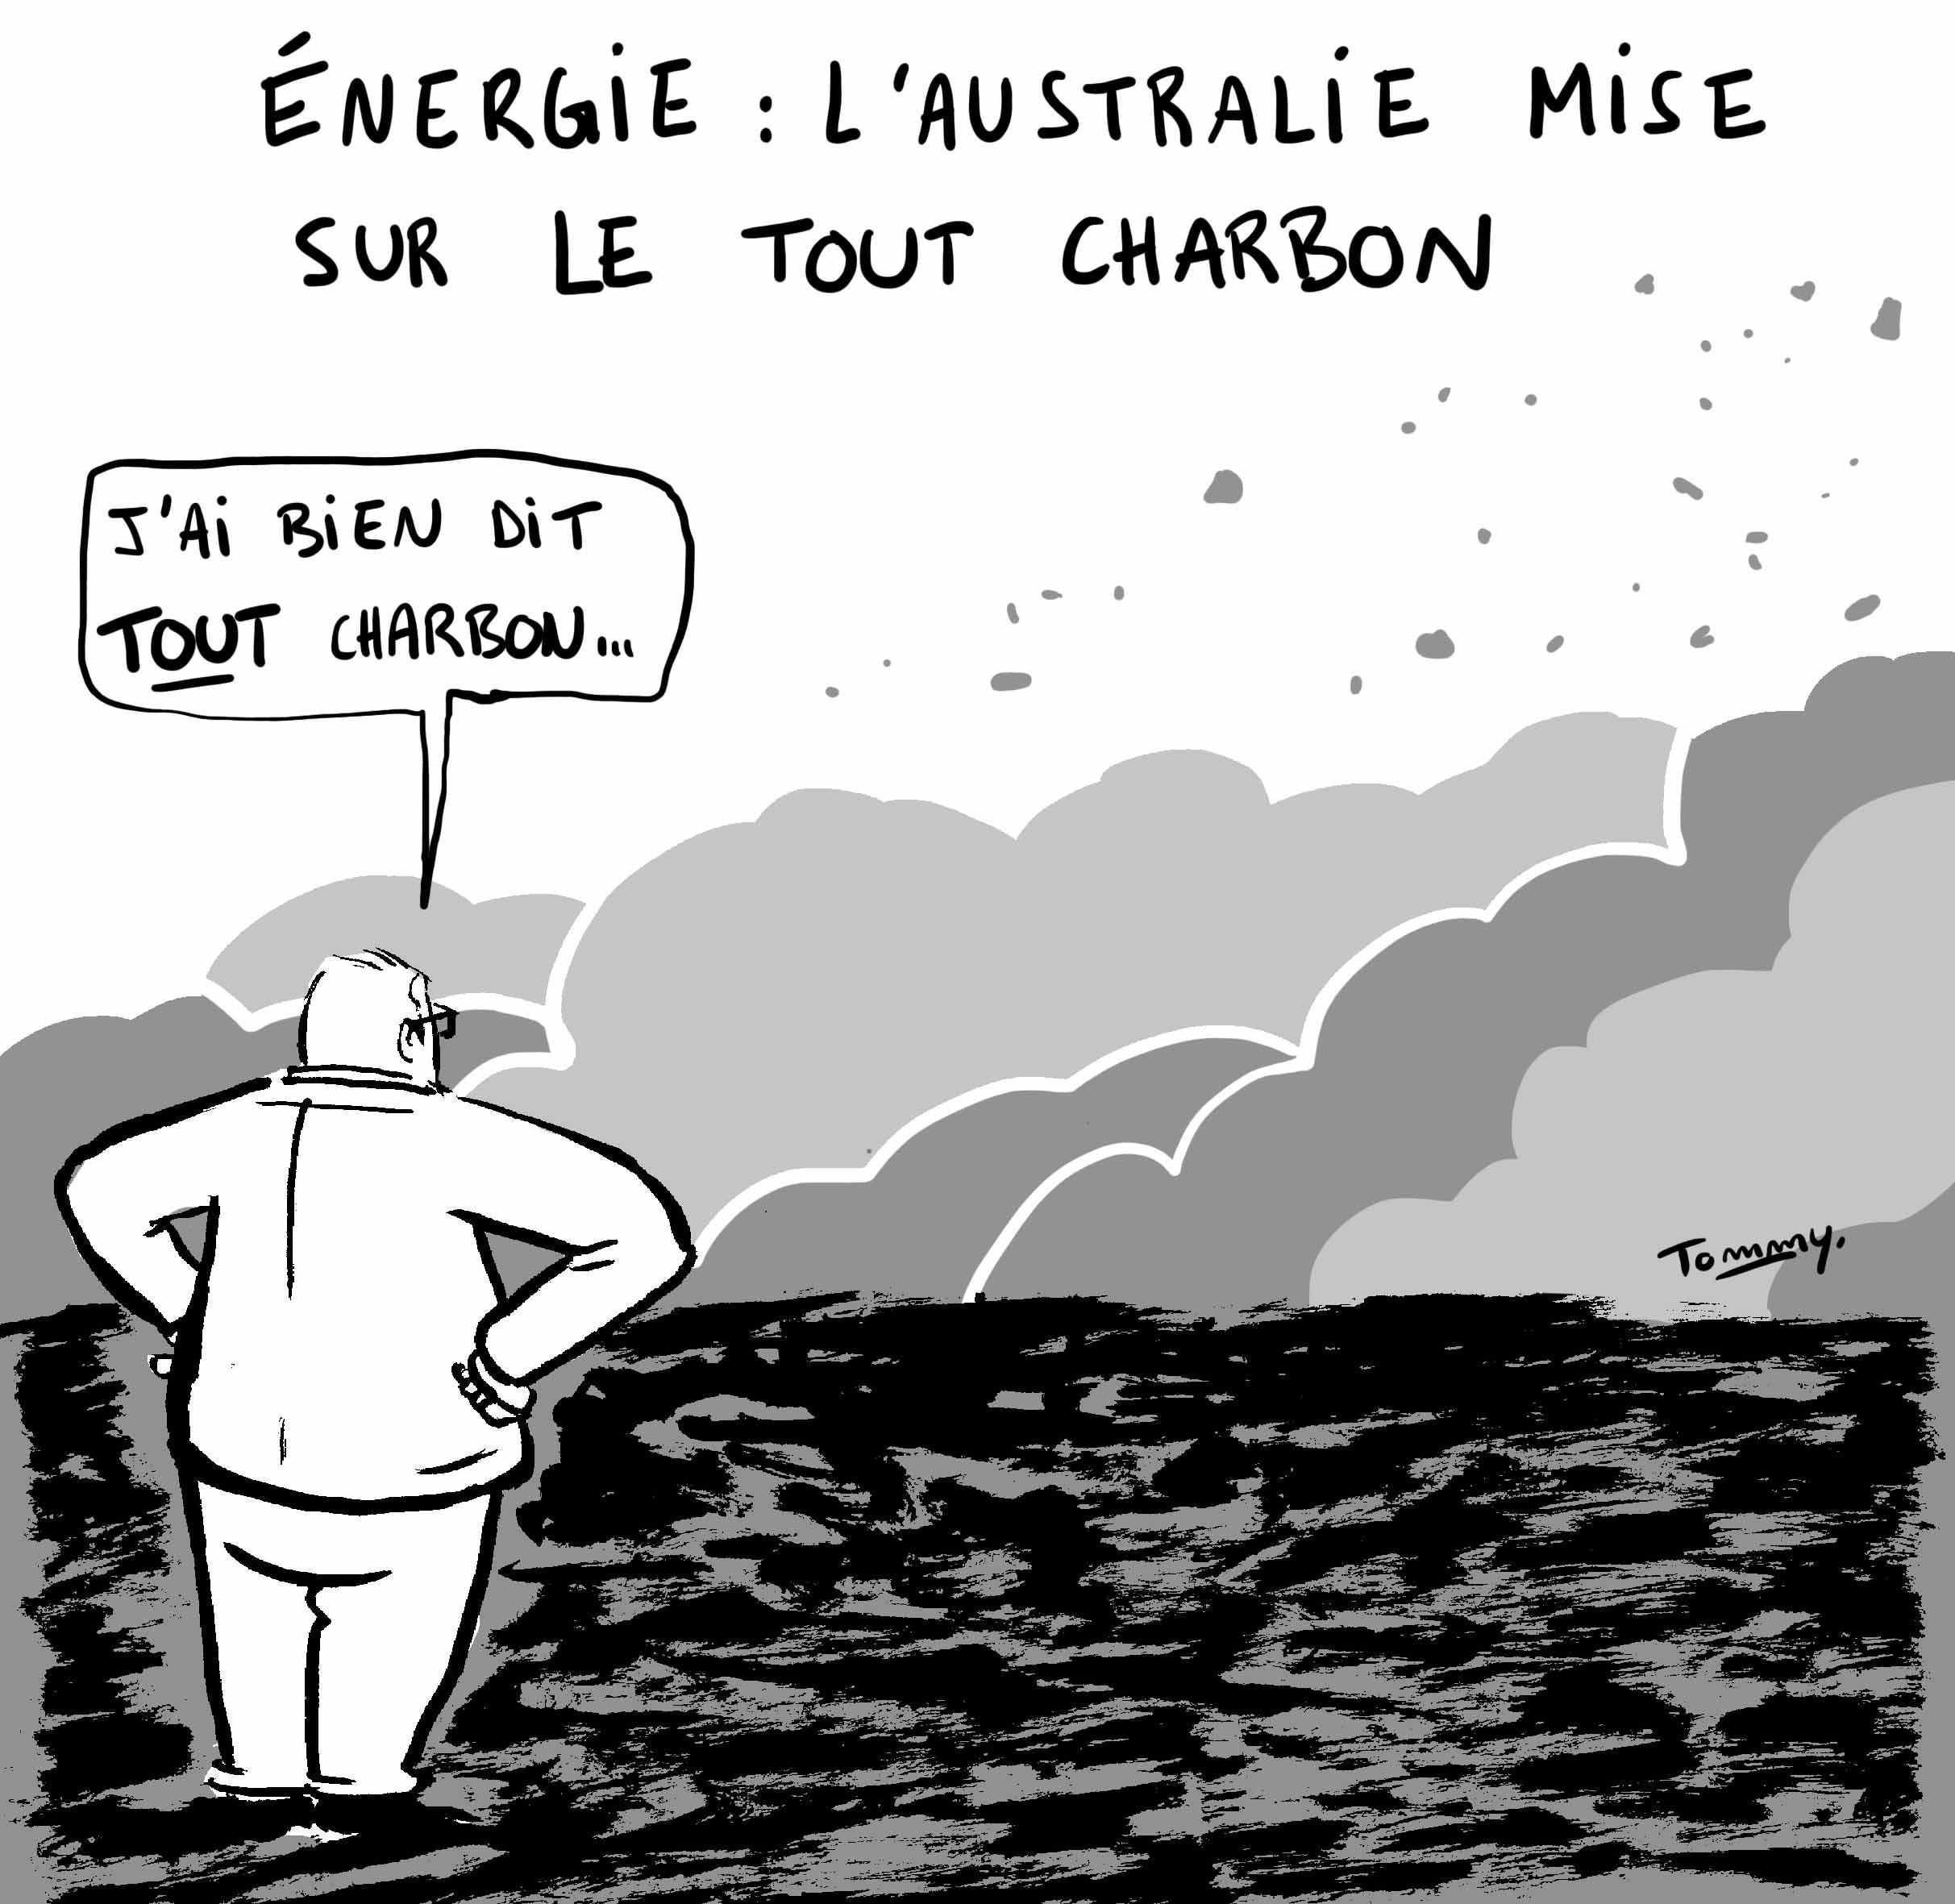 L'Australie mise sur le tout charbon